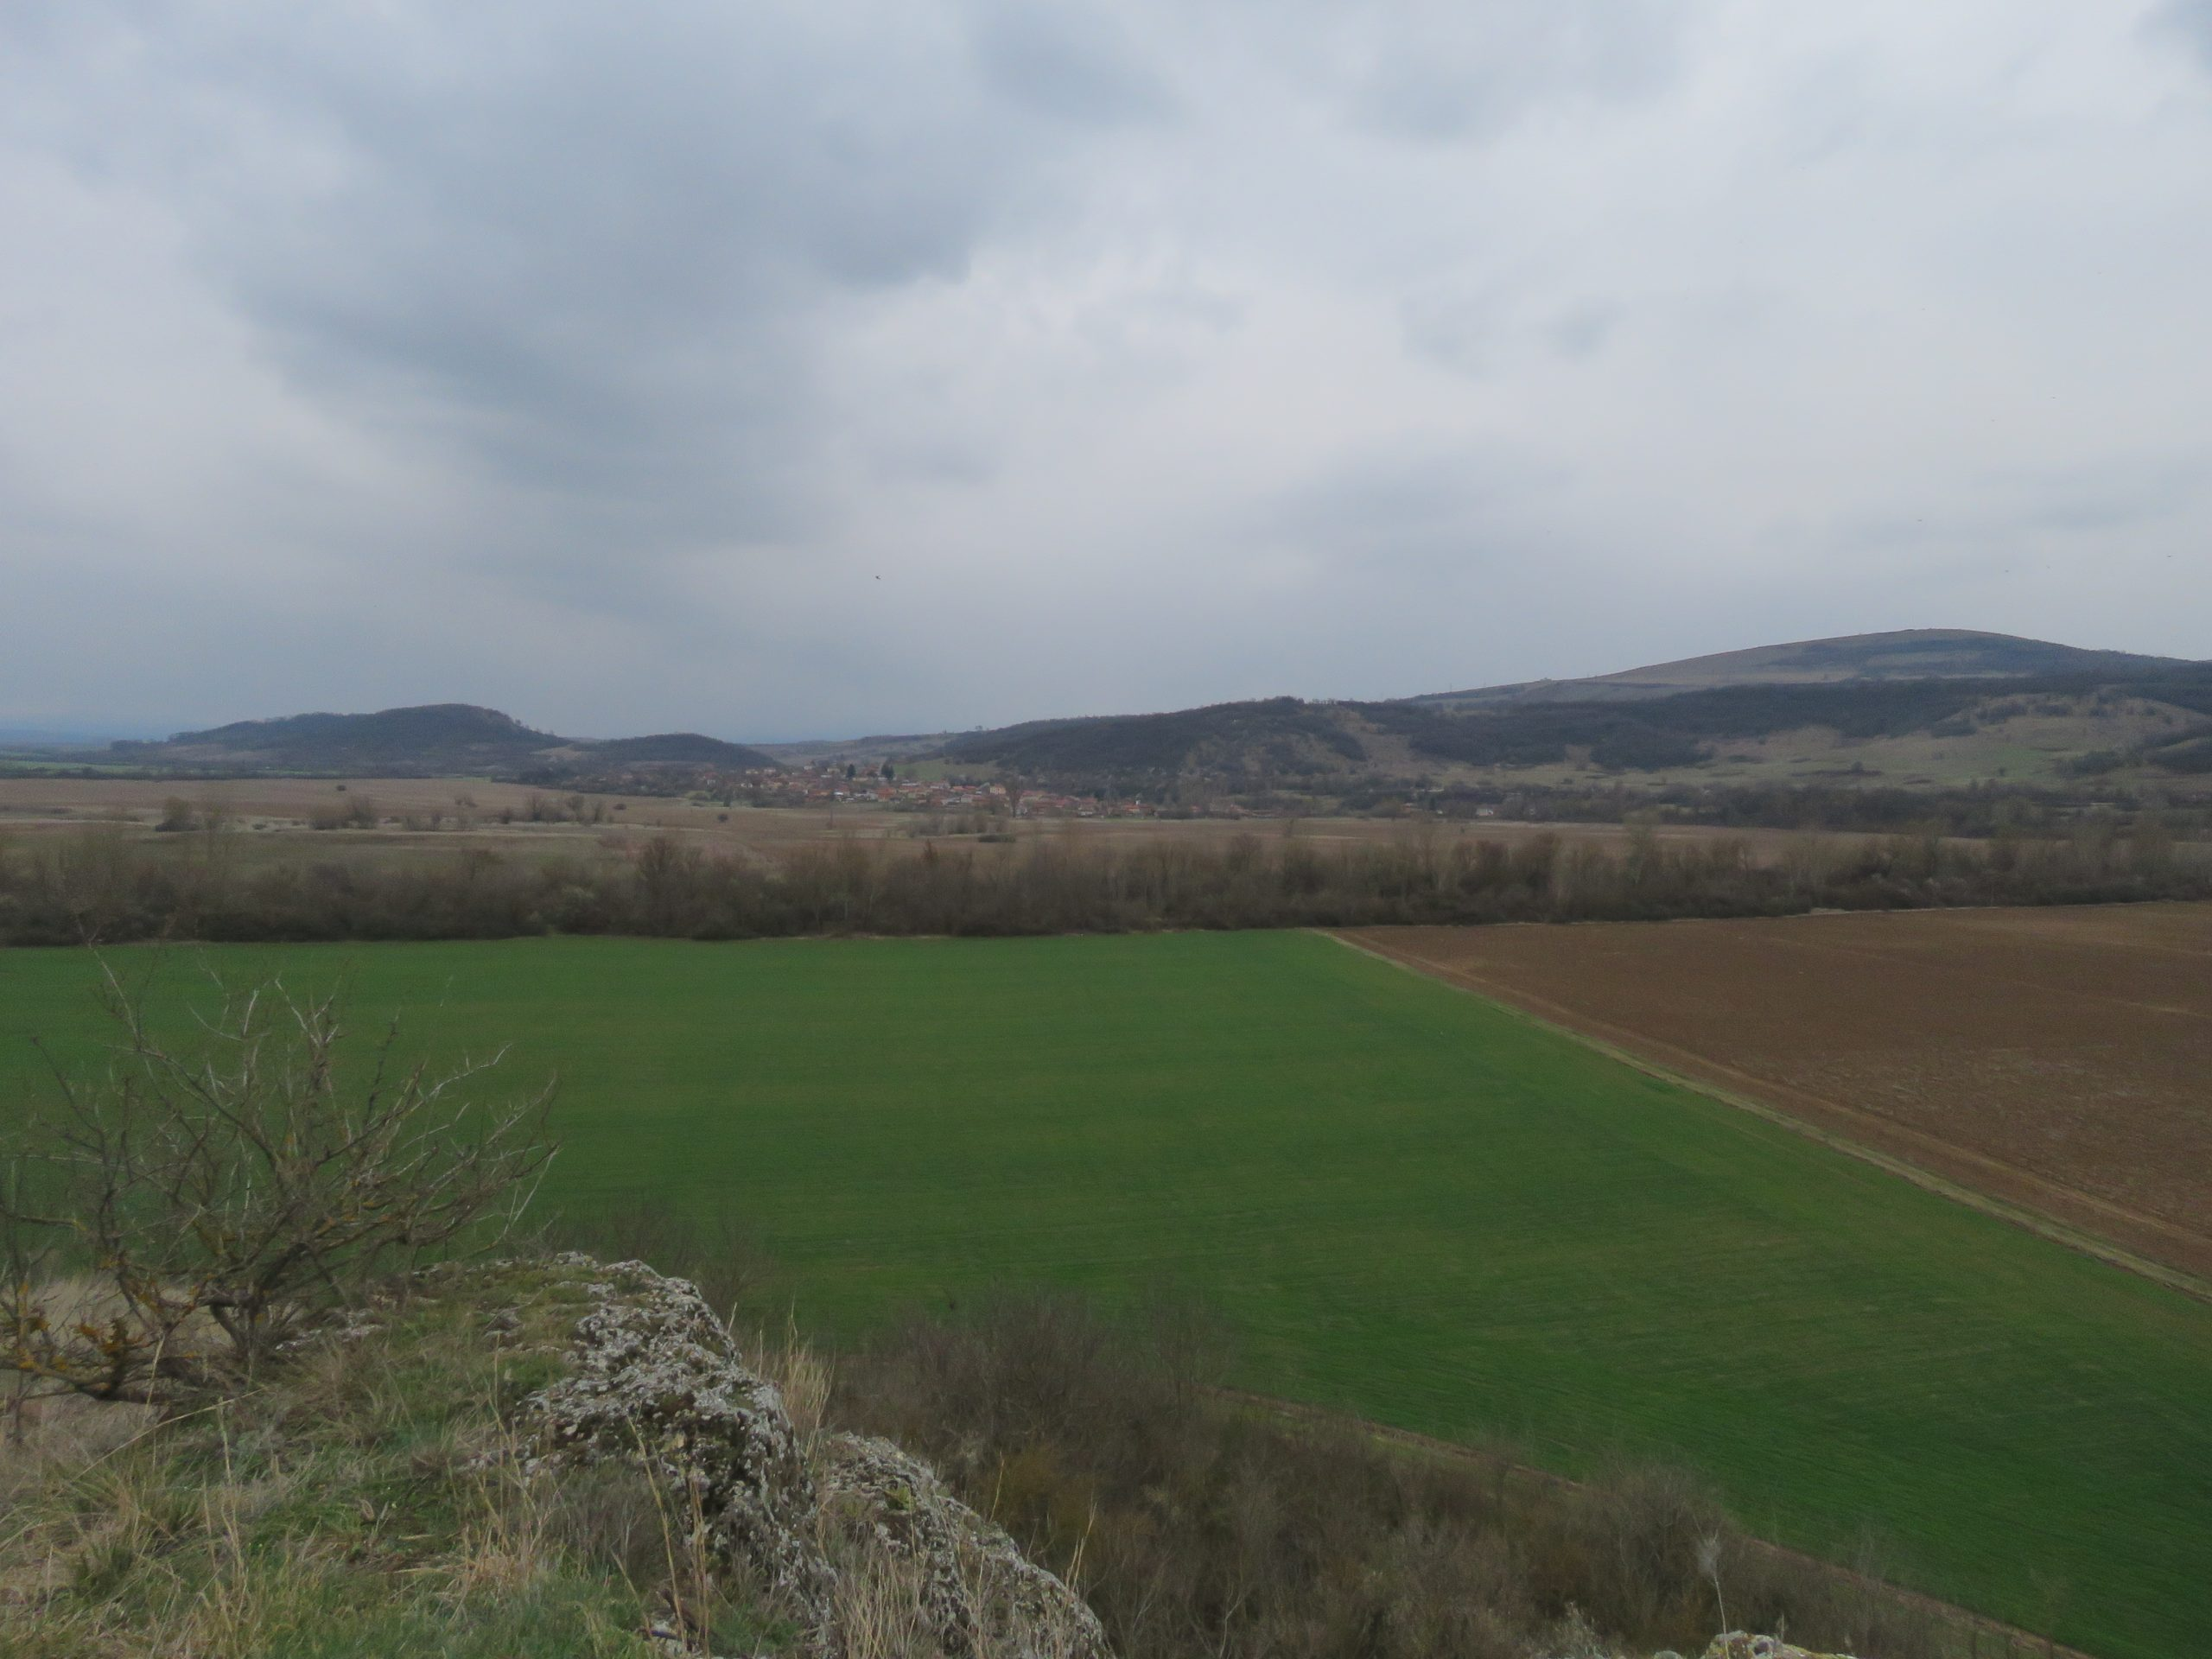 Жалба от Сдружение ГЕО срещу ОВОС на кариера в землищата на Палилула и Охрид